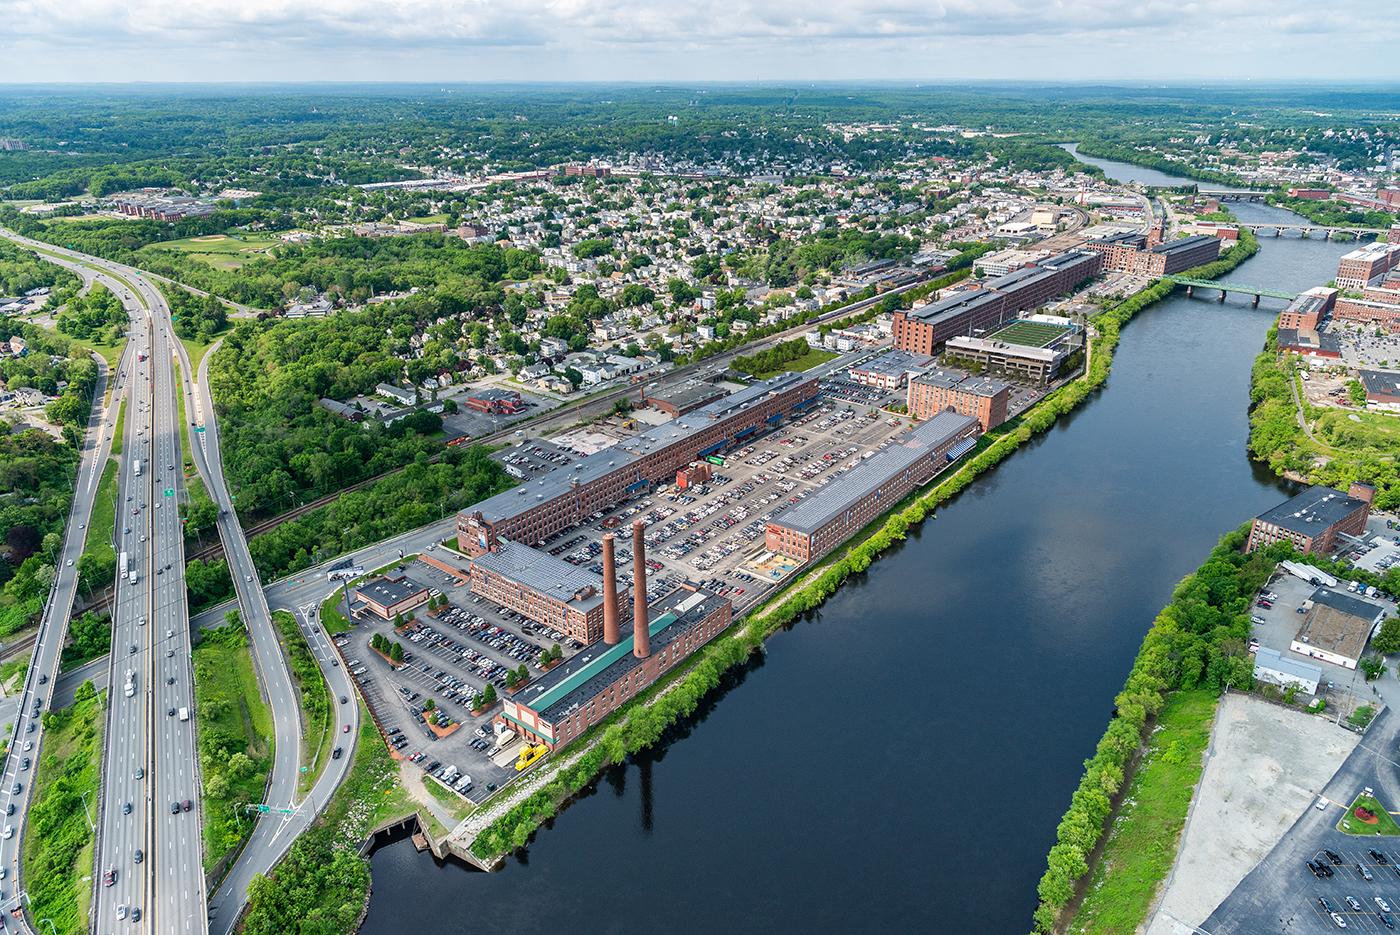 2506LUP Riverwalk Phase 1, Aerial Photolr.jpg